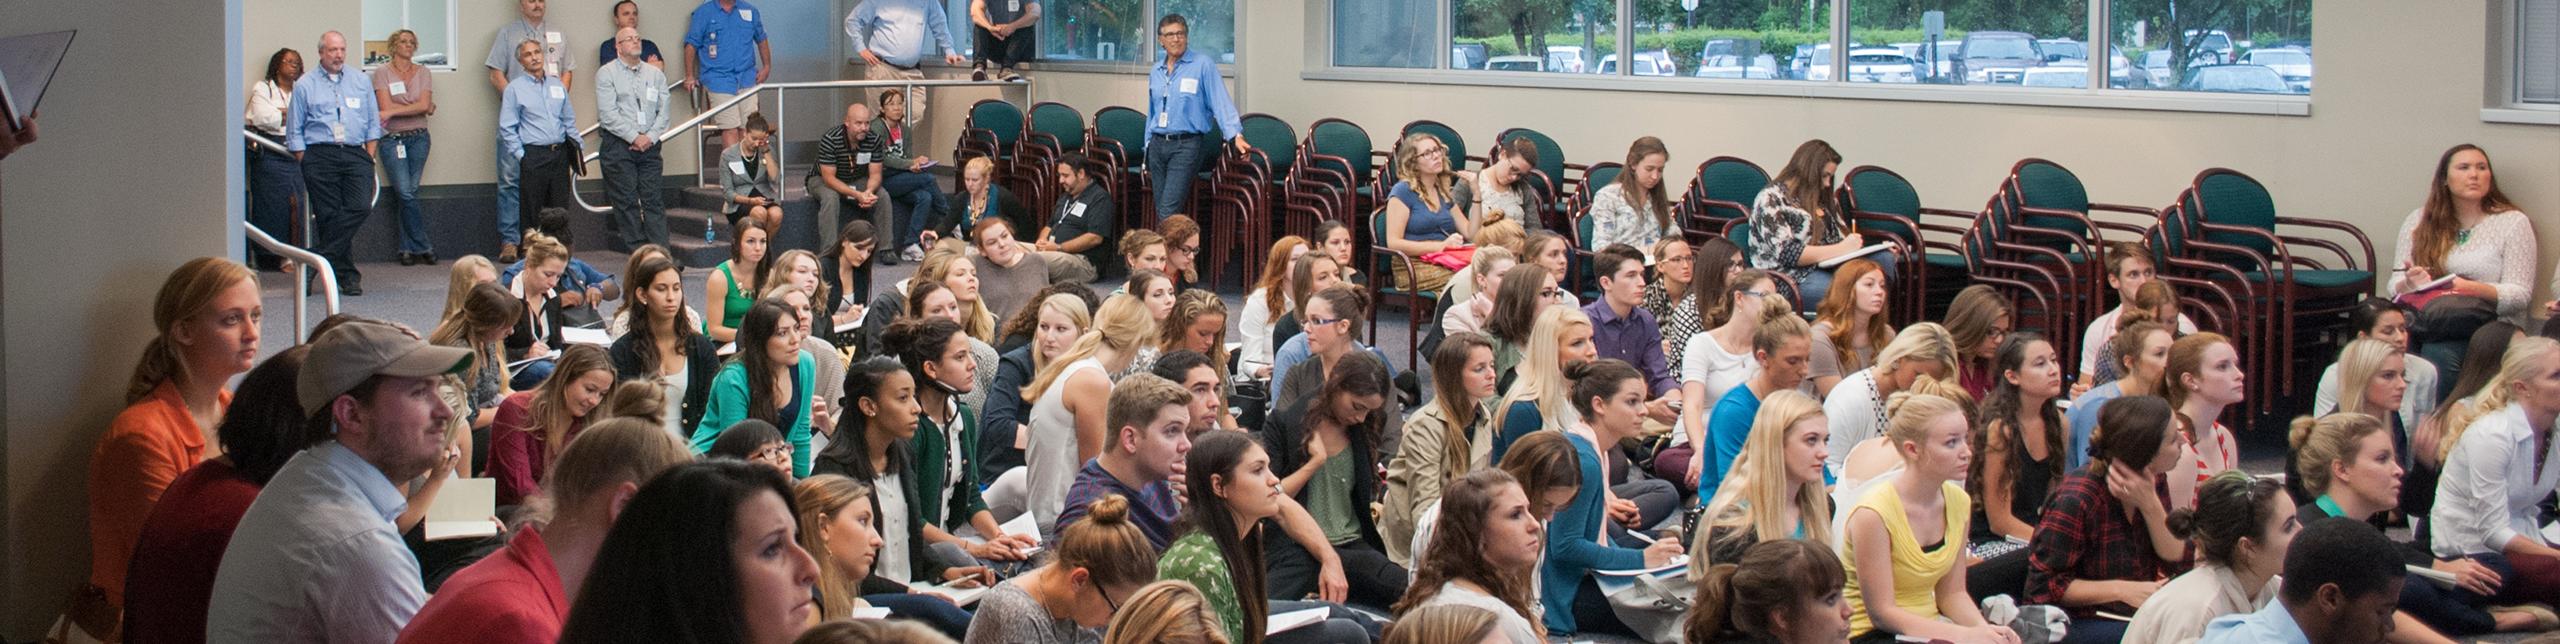 students listenening to lecturer speak